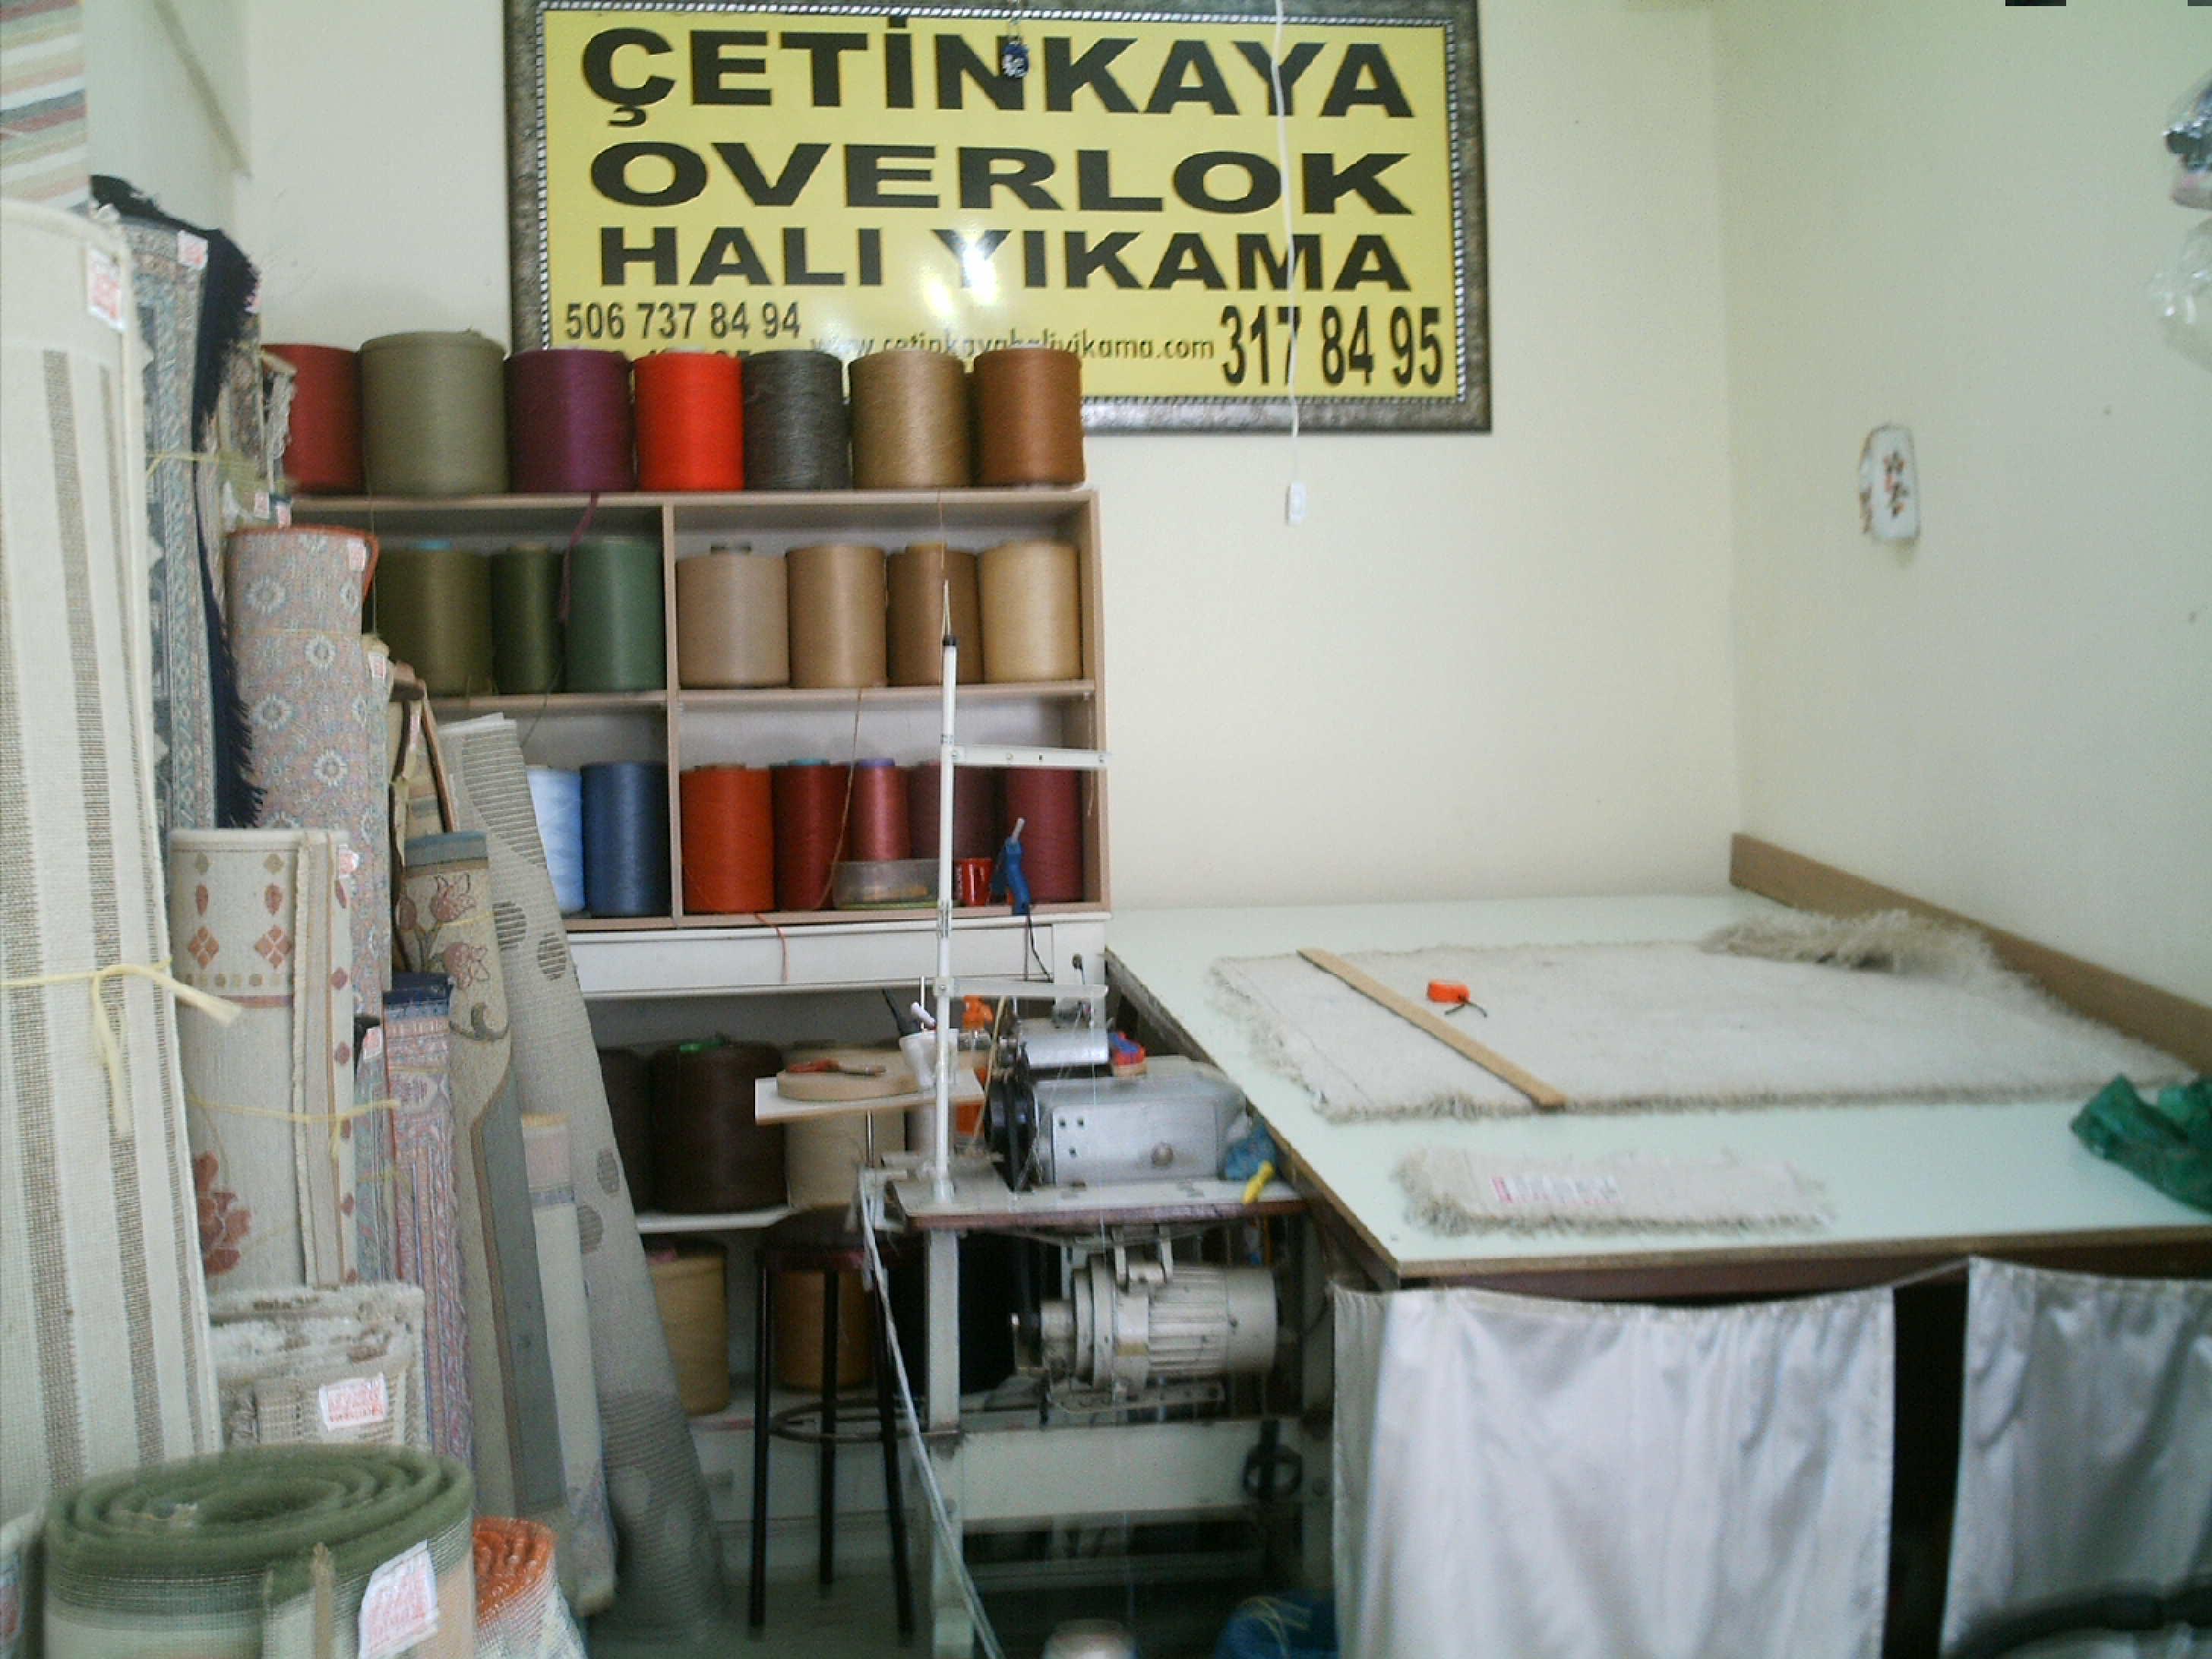 hasköy_hali_yikama_overlok